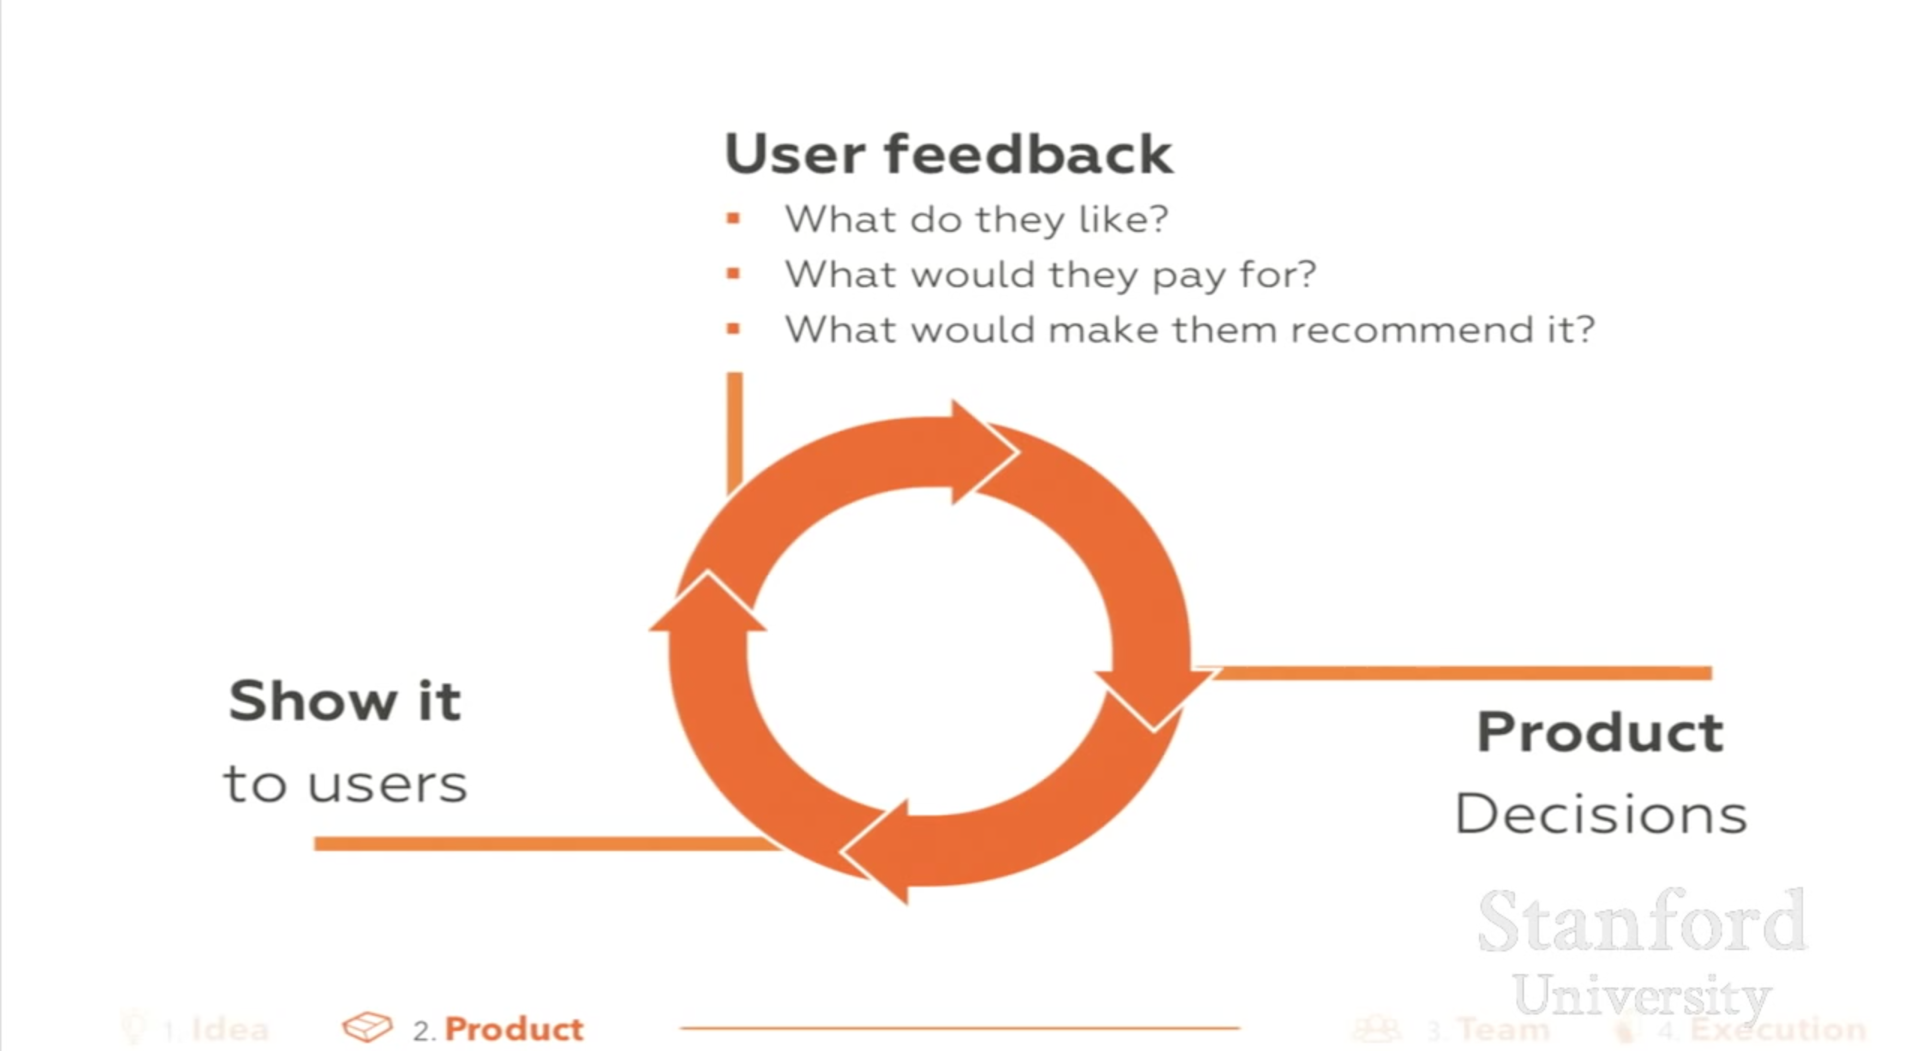 Сэм Альтман и Дастин Московитц: как и зачем создавать стартап?